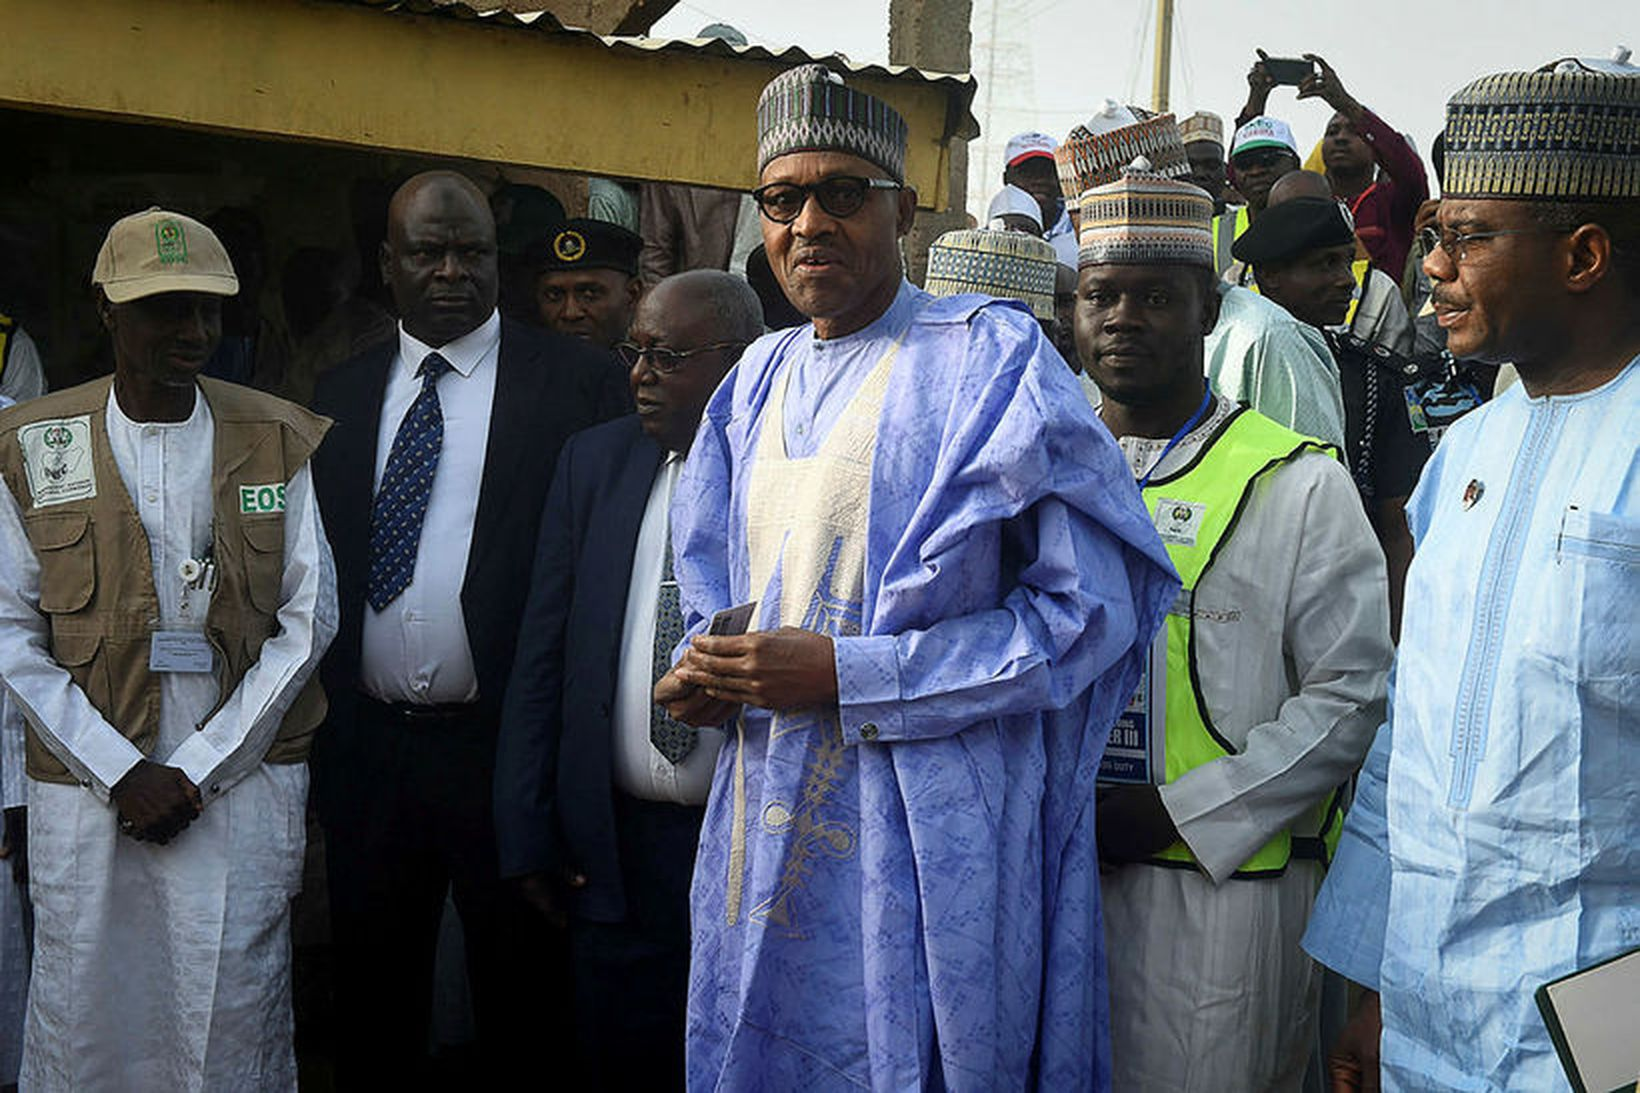 Muhammadu Buhari hefur verið endurkjörinn í embætti forseta Nígeríu.